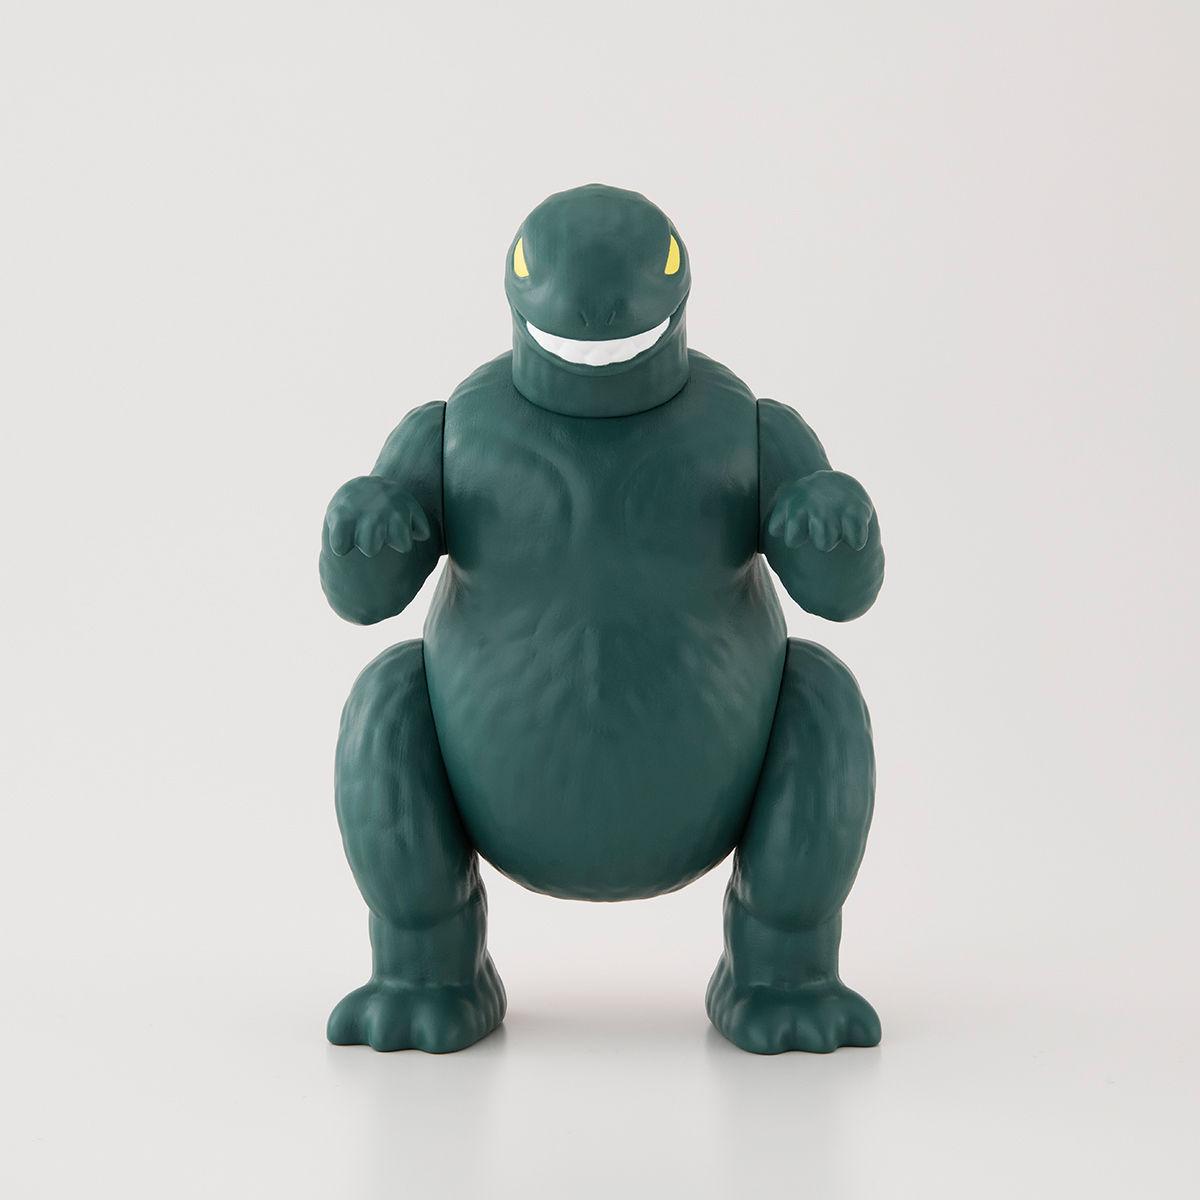 クレヨンしんちゃん『怪獣シリマルダシ』ソフビフィギュア-001